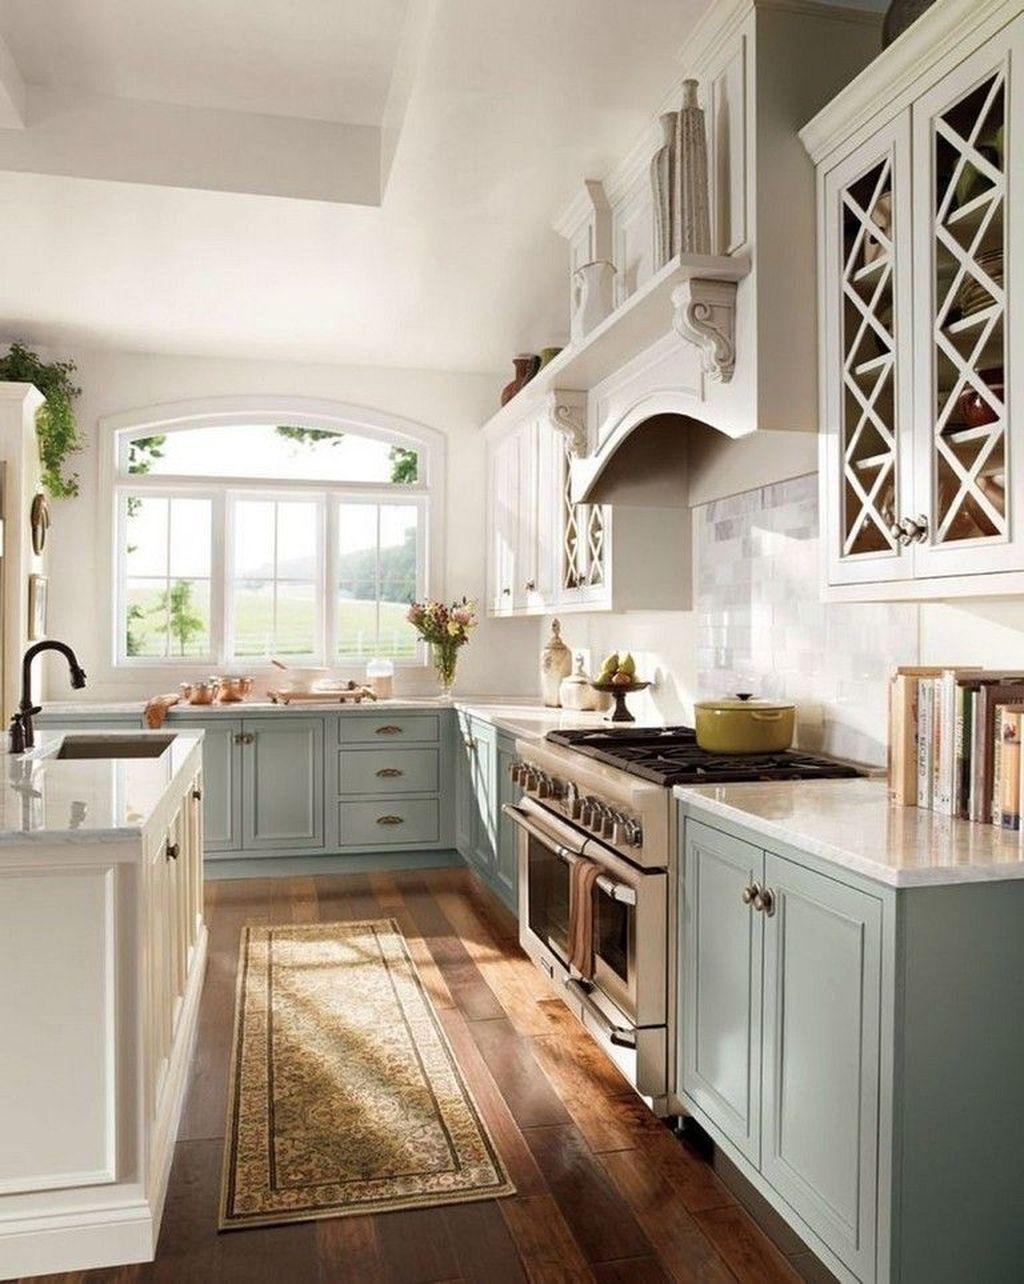 30 elegant farmhouse kitchen design decor ideas country kitchen designs french country on kitchen decor themes modern id=63212